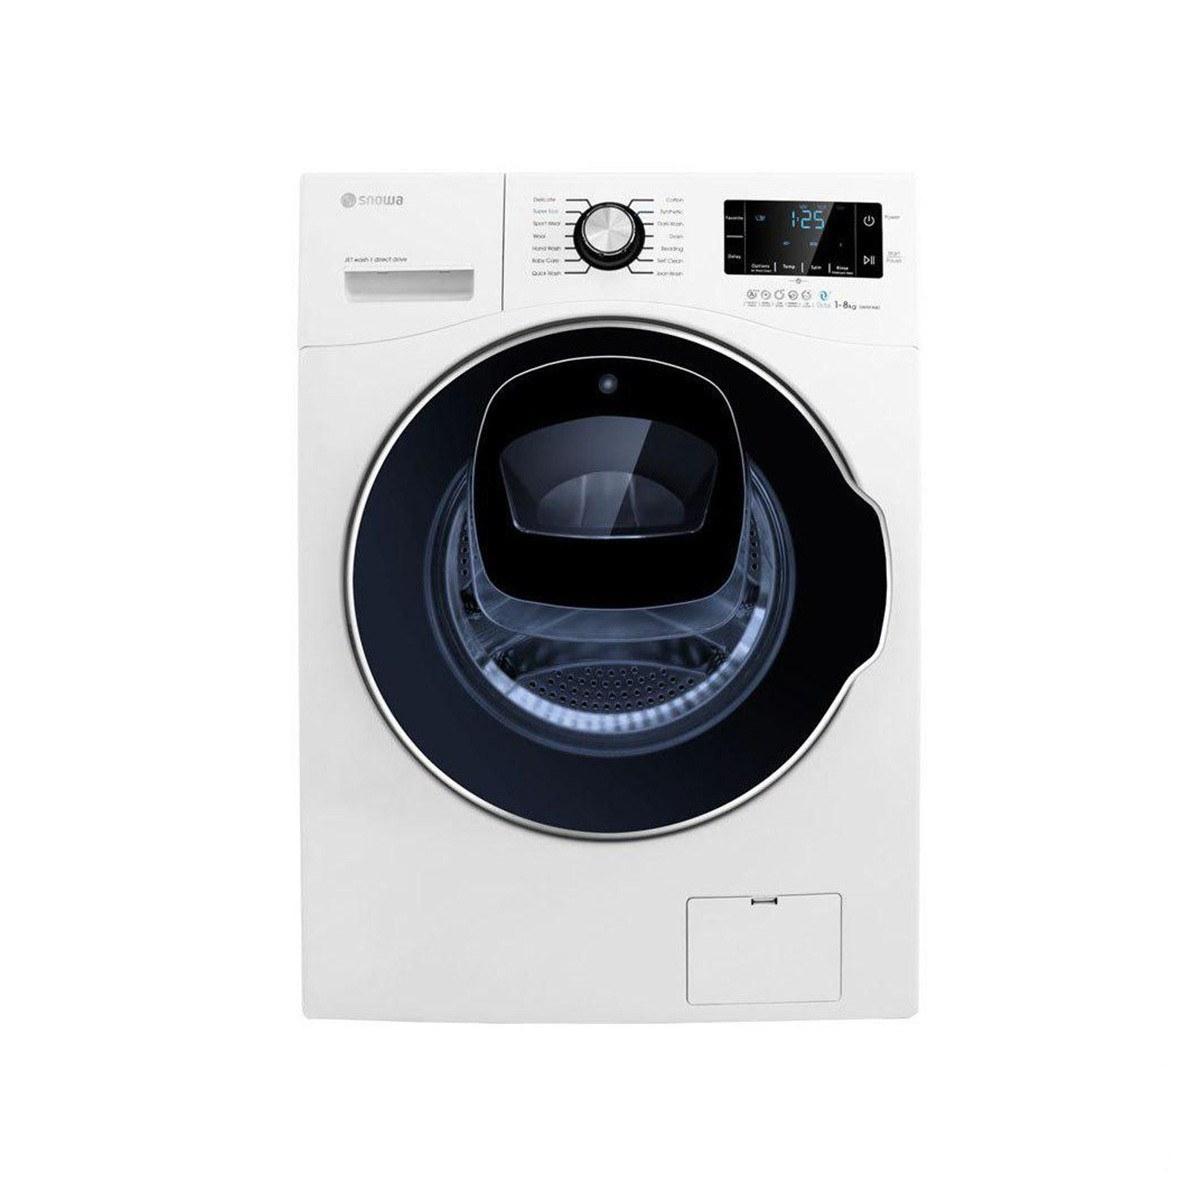 عکس ماشین لباسشویی8 کیلویی اسنوا سری Wash In Wash مدل SWM-842 snowa Wash In Wash SWM-842 ماشین-لباسشویی-8-کیلویی-اسنوا-سری-wash-in-wash-مدل-swm-842